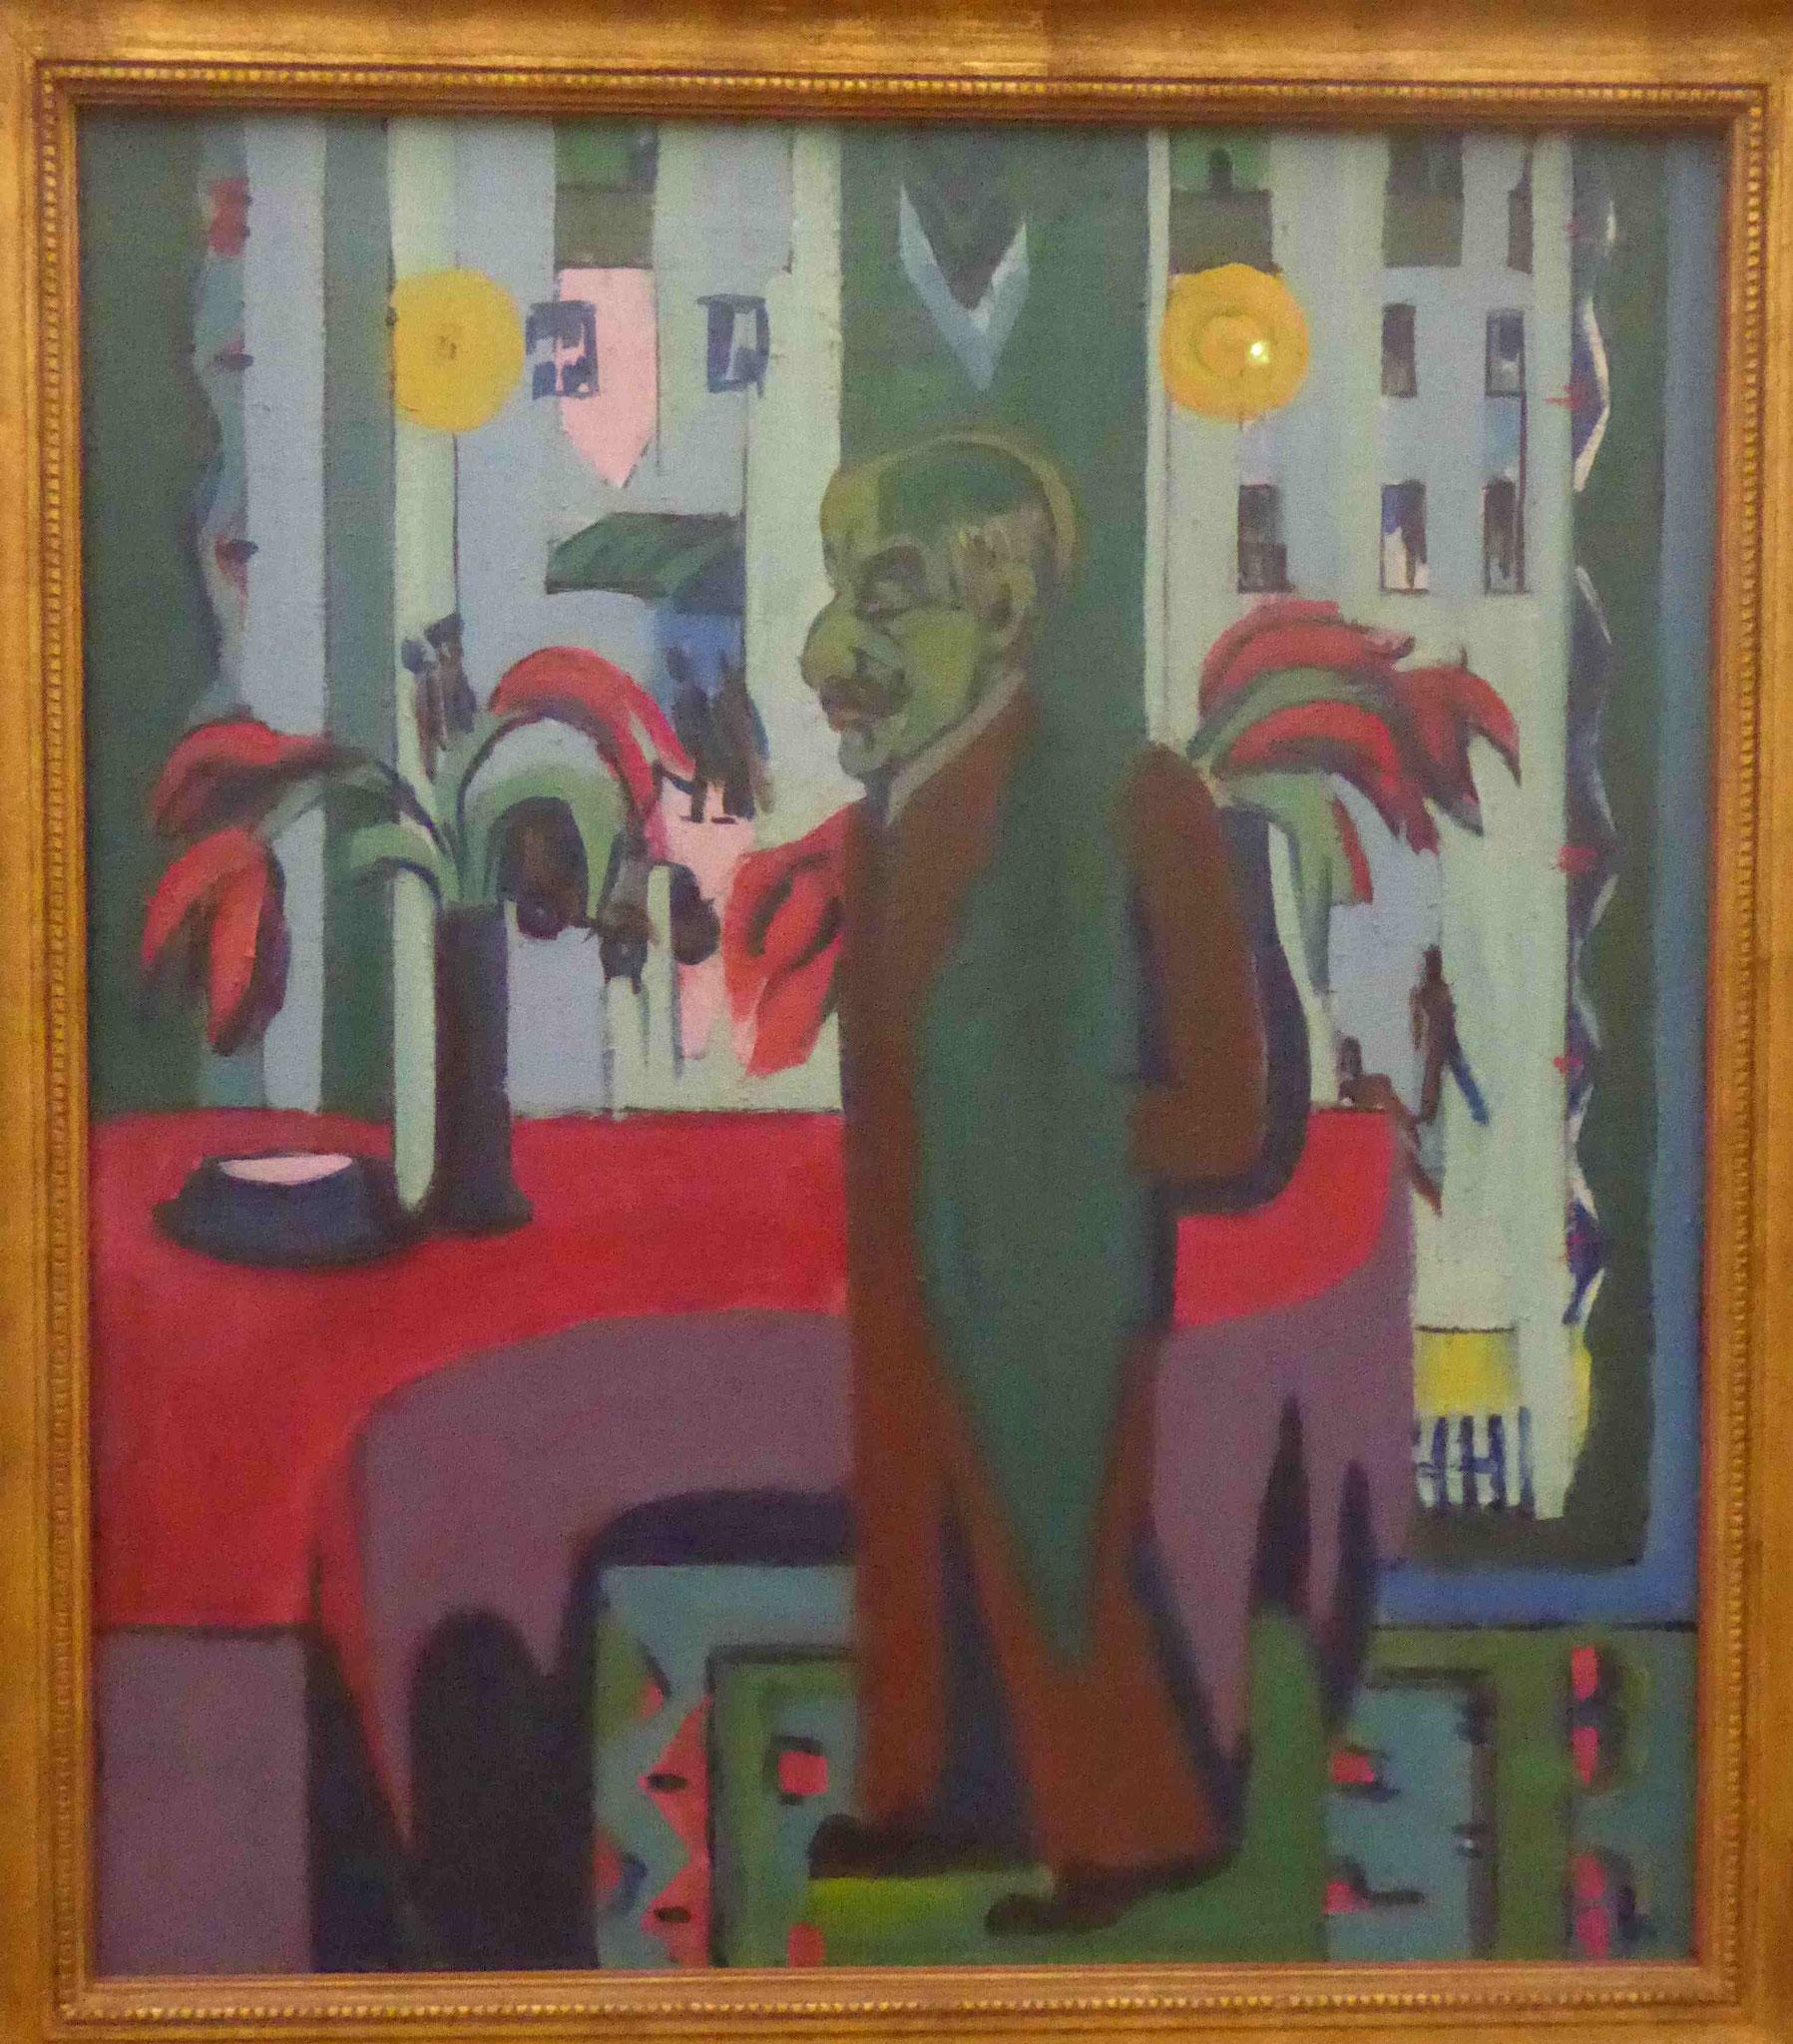 Portät Liebermann, Ernst Ludwig Kirchner, Neue Nationalgalerie Berlin